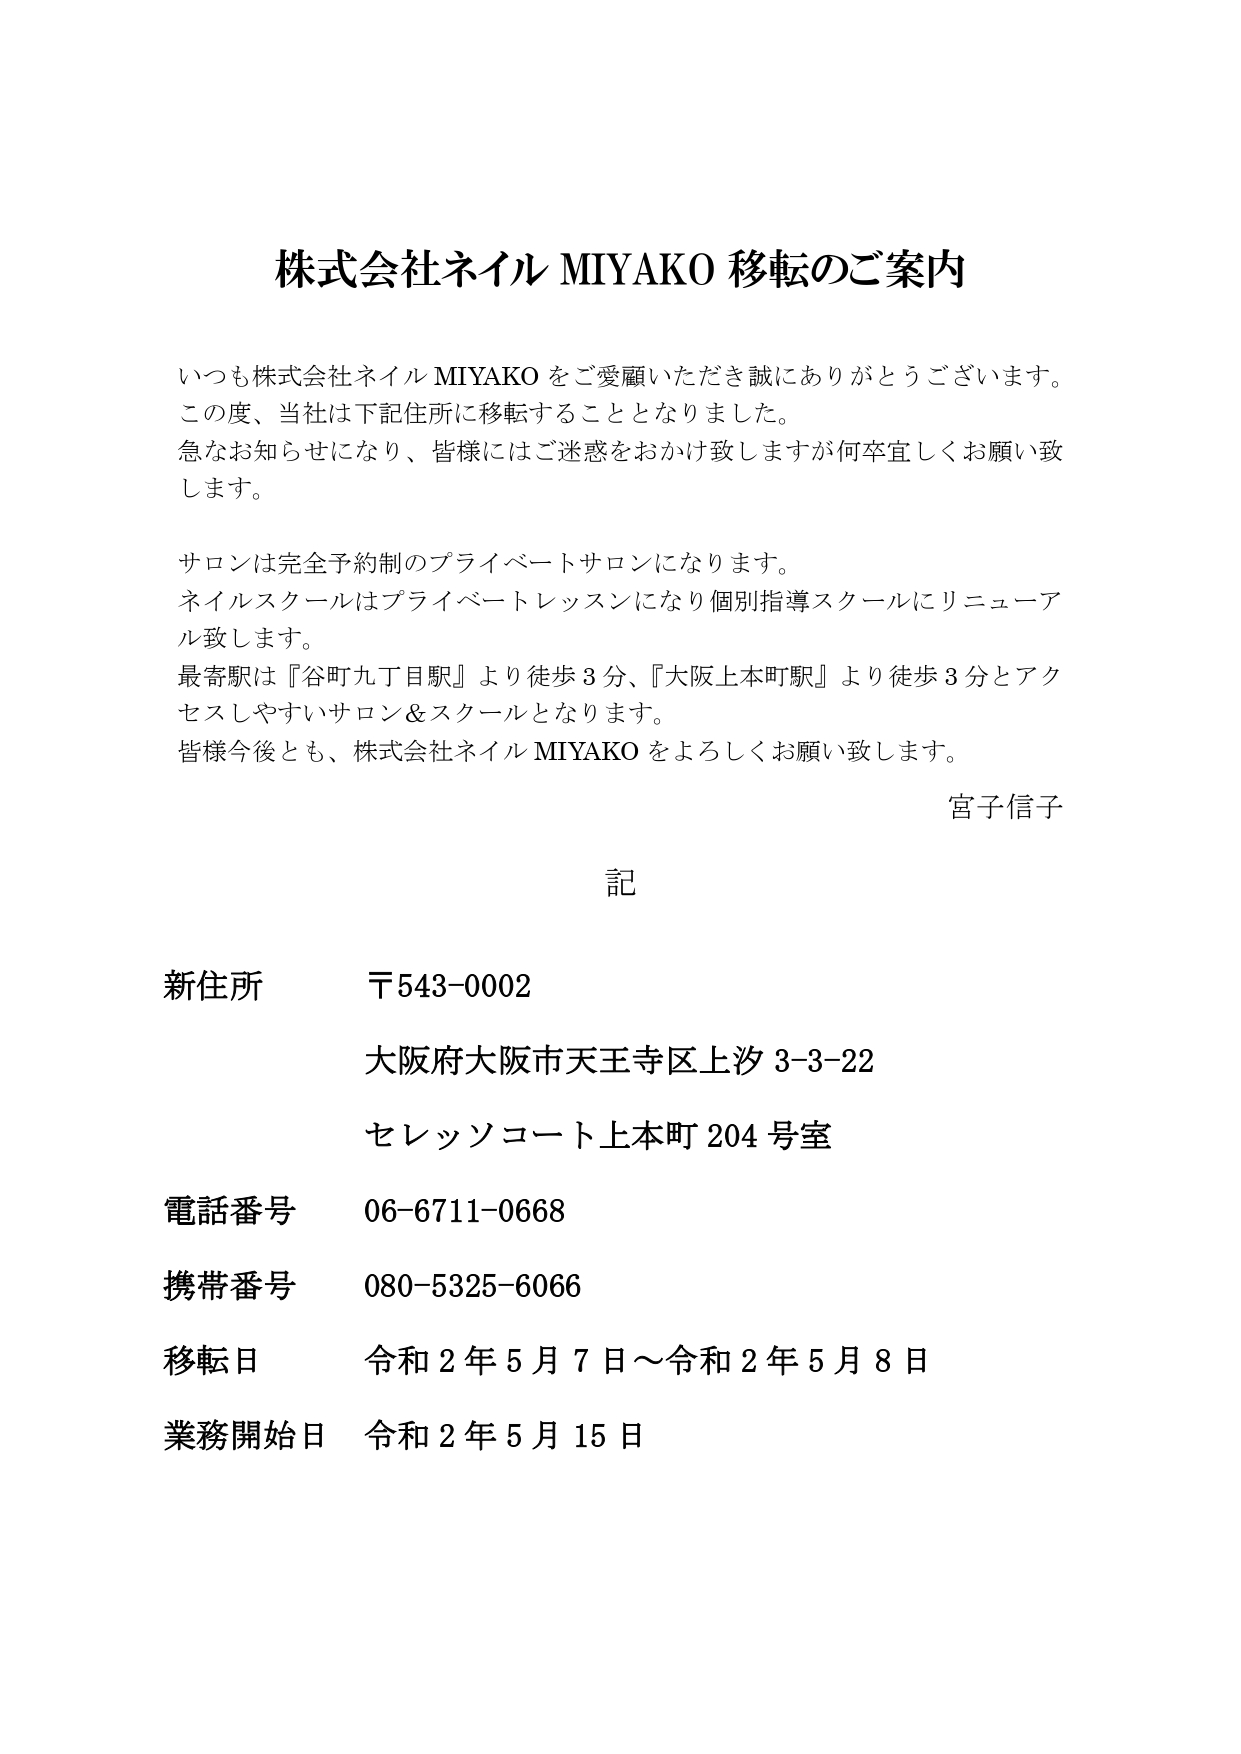 ネイルMIYAKO移転のお知らせ